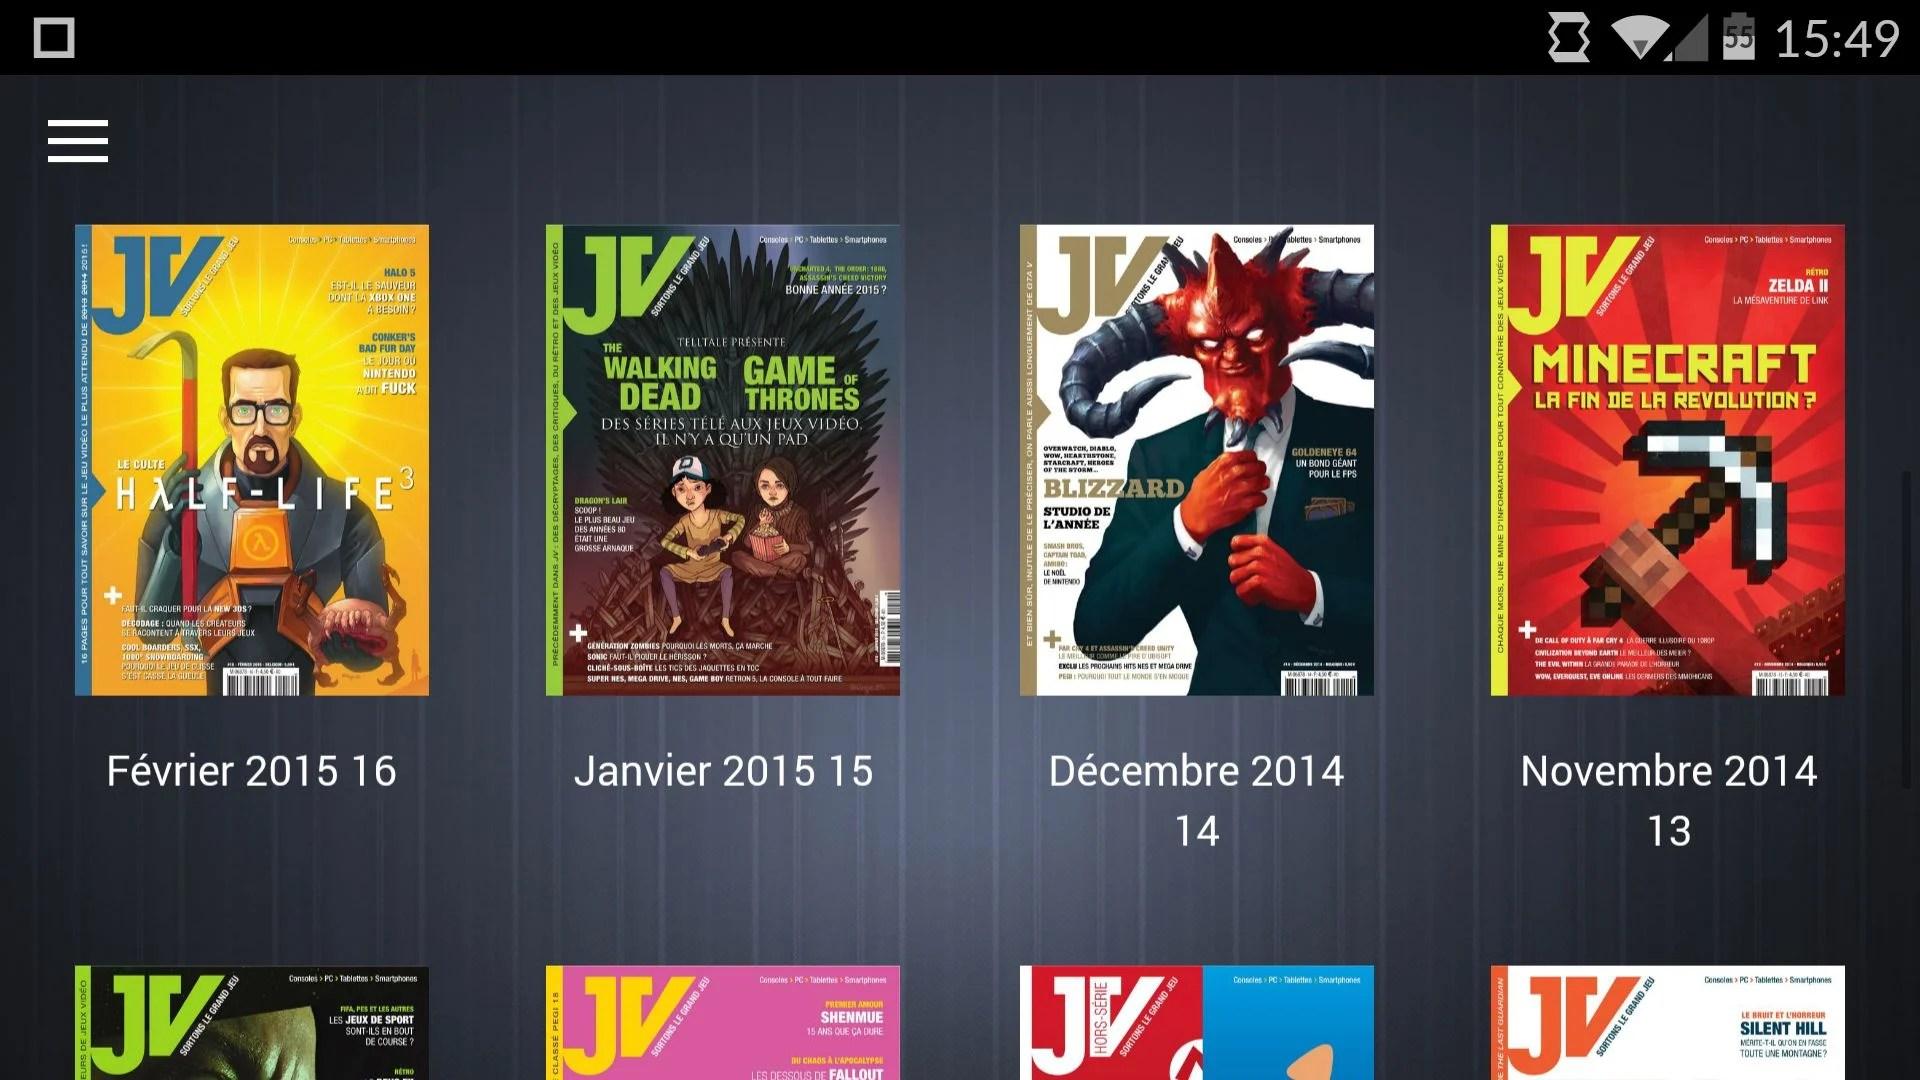 JV le mag, l'application Android pour lire l'un de nos magazines préférés